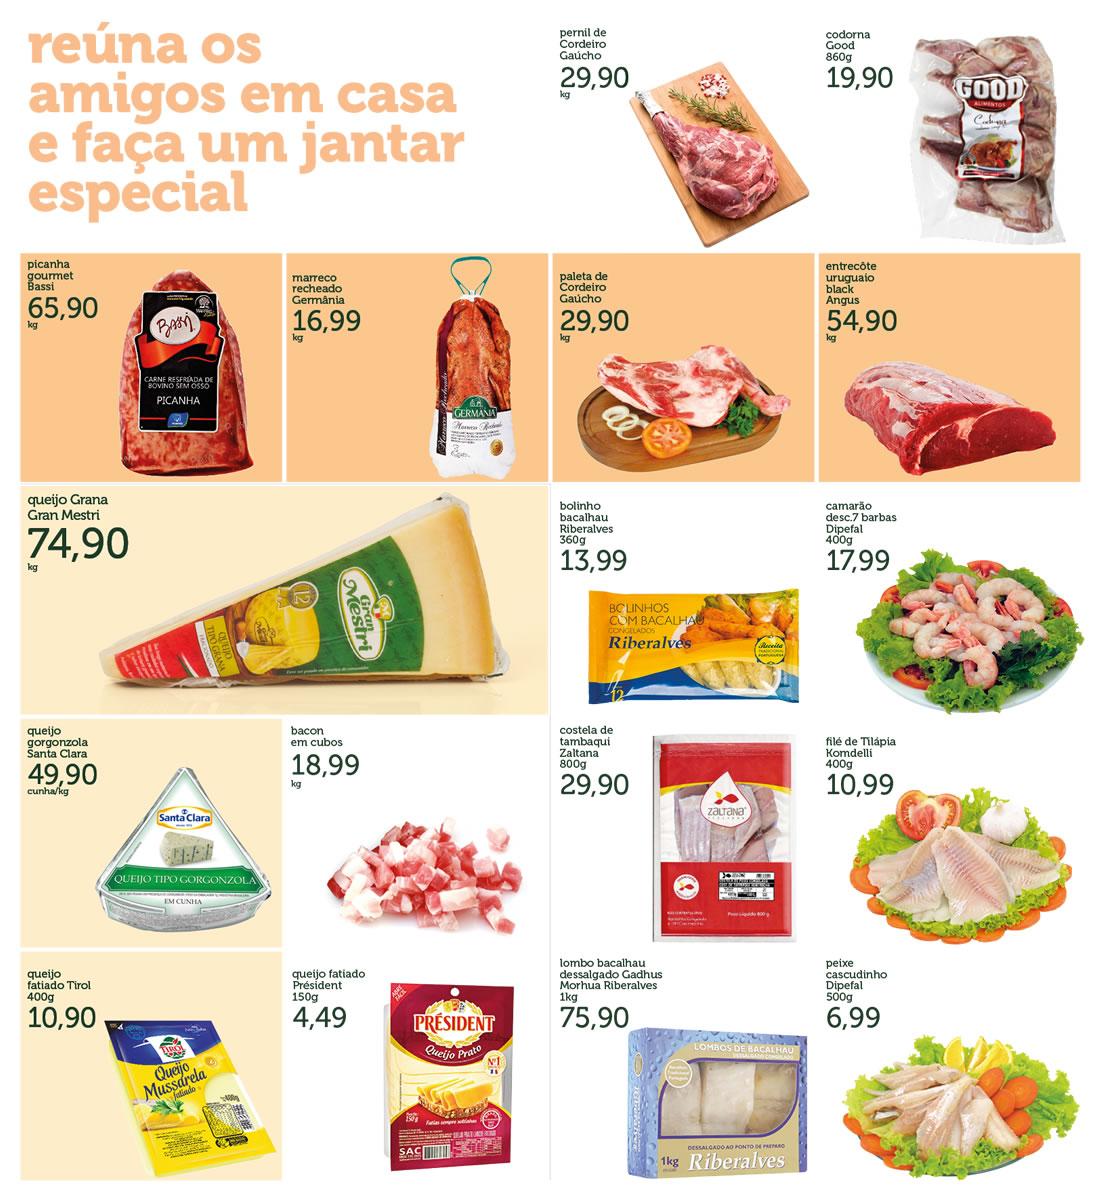 caita_supermercados_tabloide_bento_julho2018_03